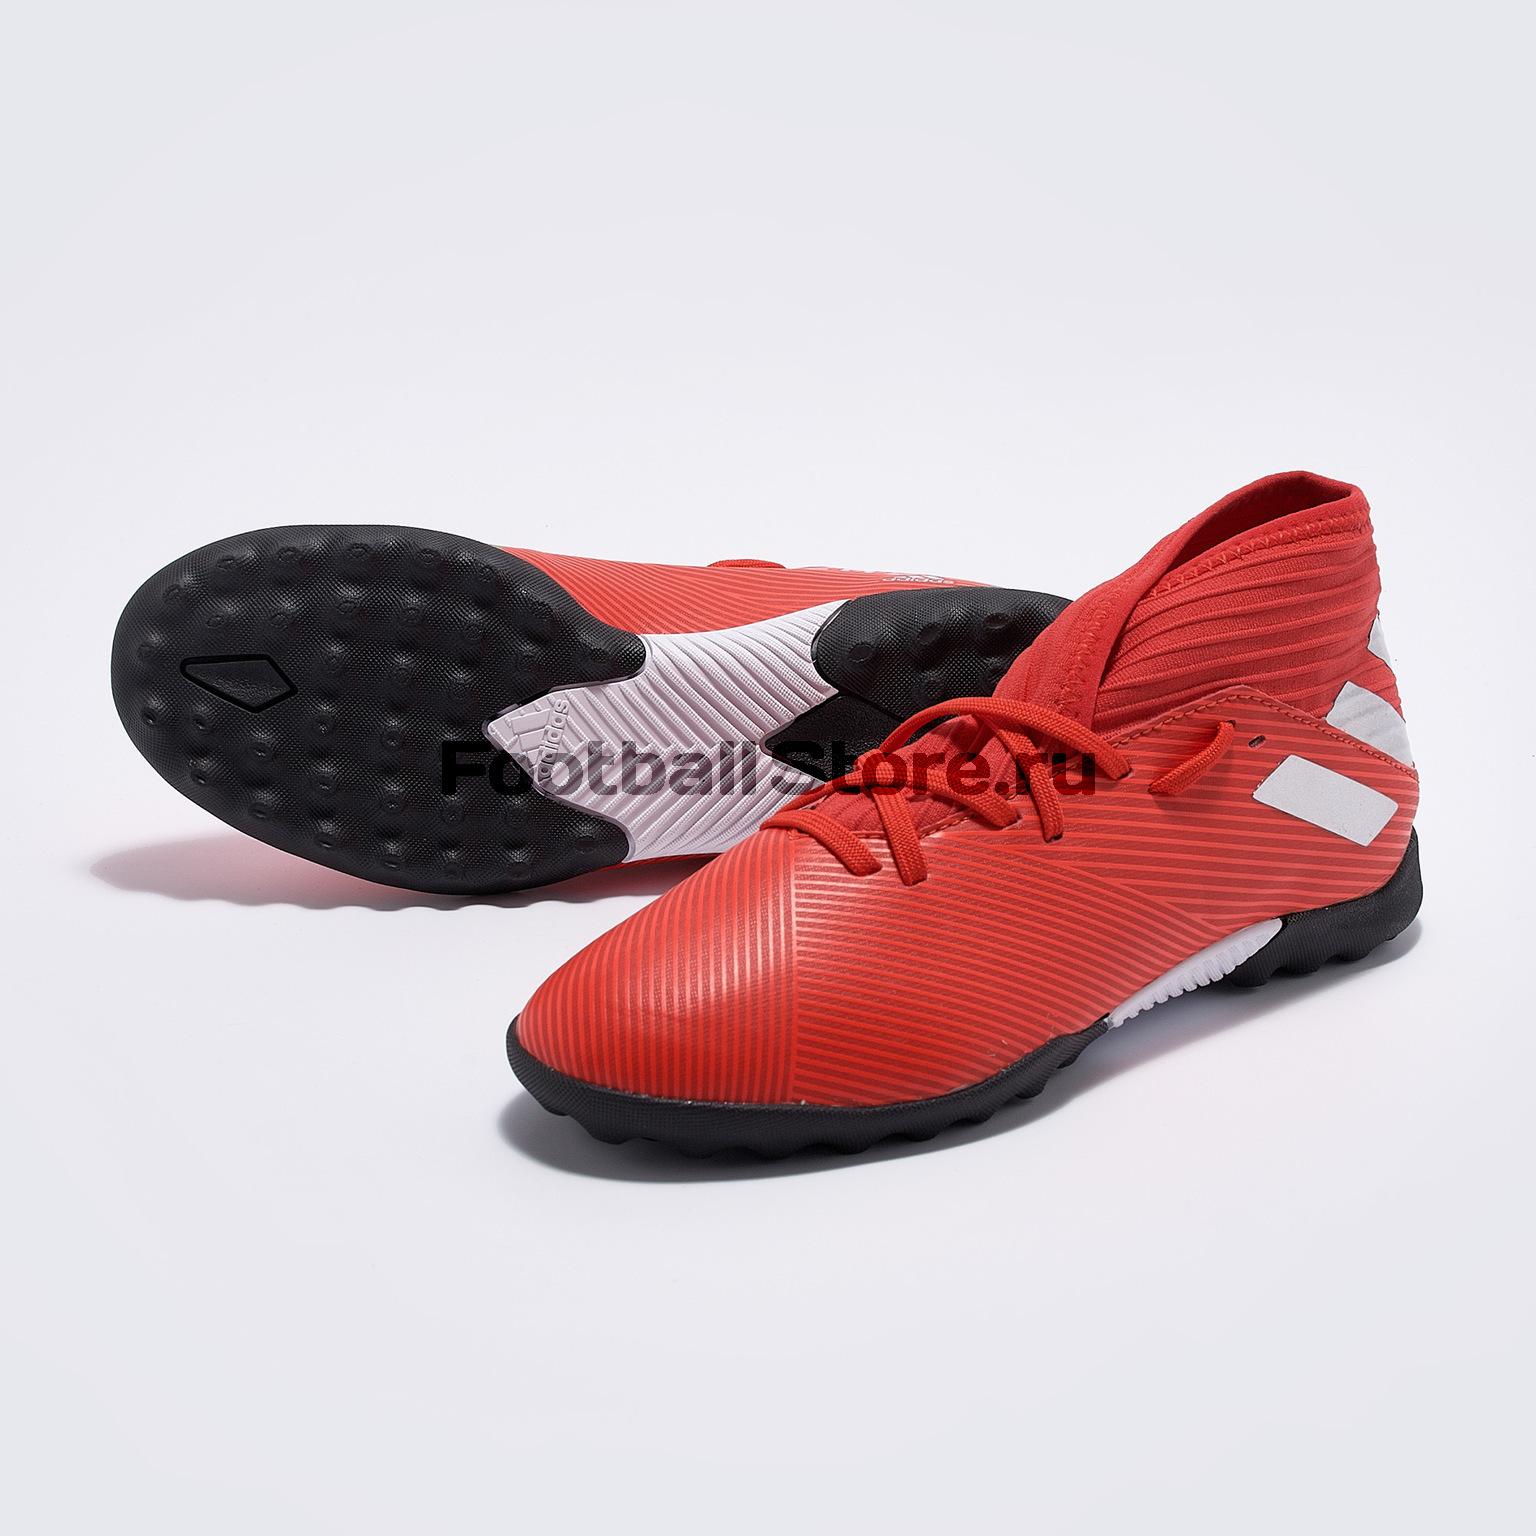 Шиповки детские Adidas Nemeziz 19.3 TF F99941 шиповки детские adidas x tango 18 3 tf db2422